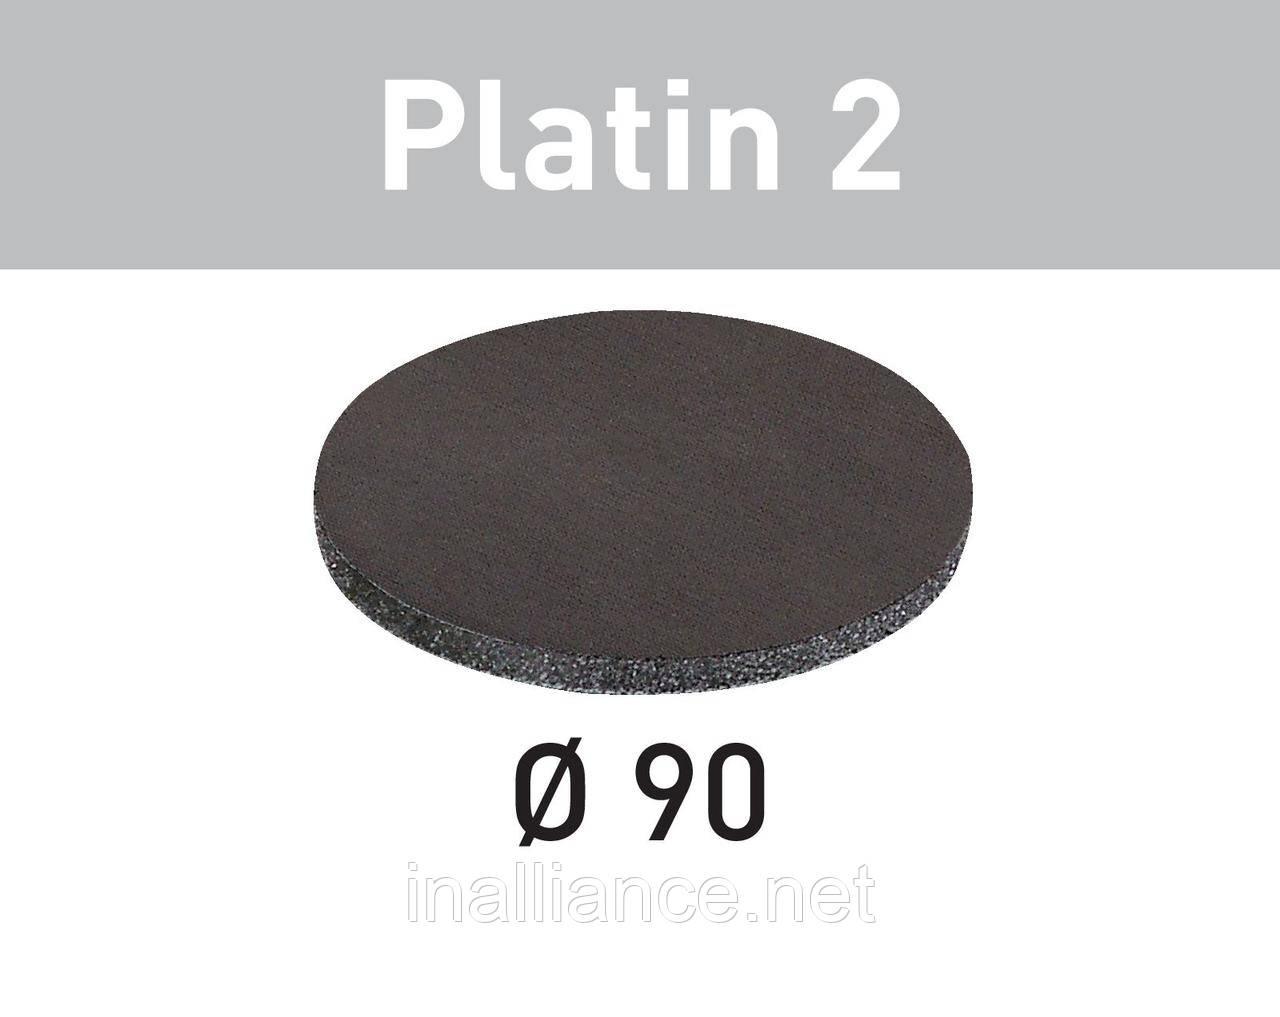 Шлифовальные круги Platin 2 STF D 90/0 S1000 PL2/15 Festool 498323, фото 1